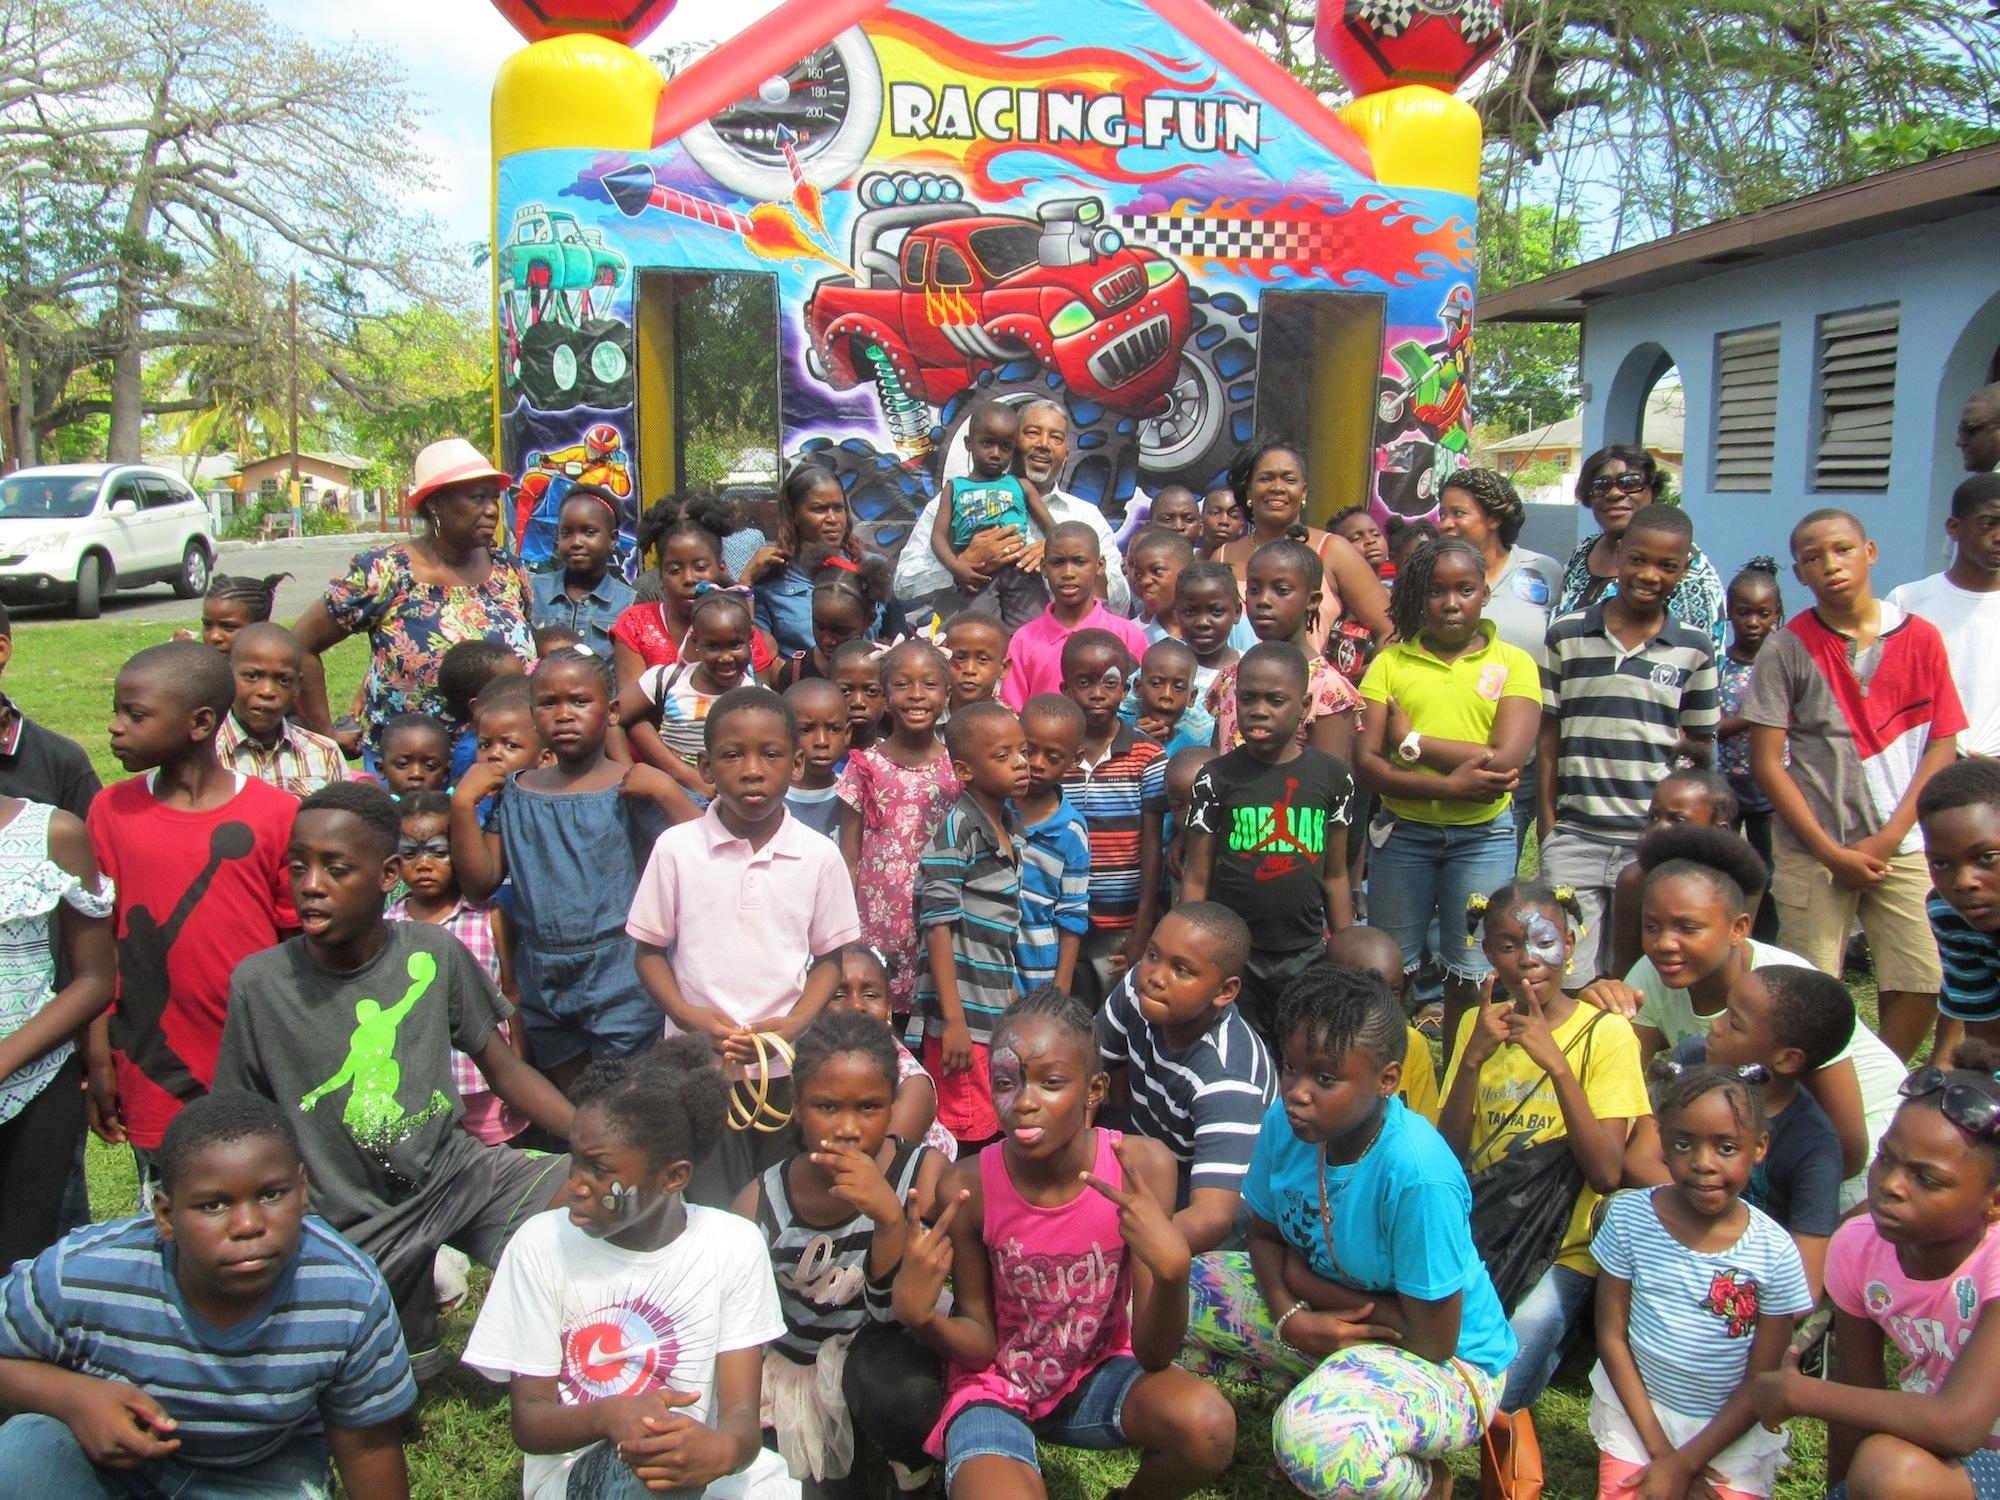 Urban Renewal Commission hosts weekend of Easter egg hunts